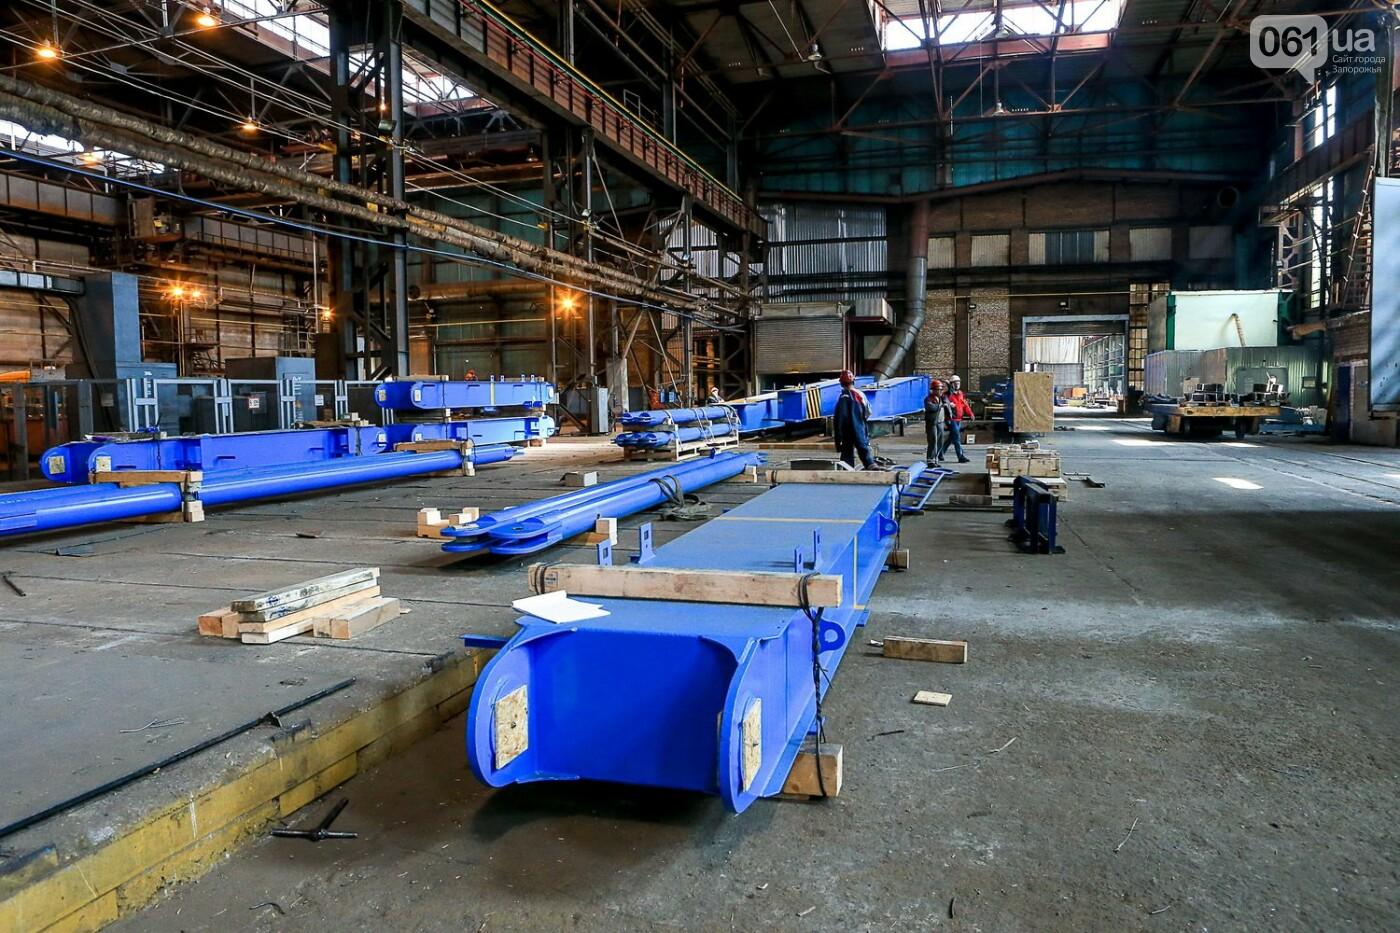 Как в Запорожье работает крупнейший в Европе завод по производству кранов: экскурсия на производство, — ФОТОРЕПОРТАЖ, фото-33